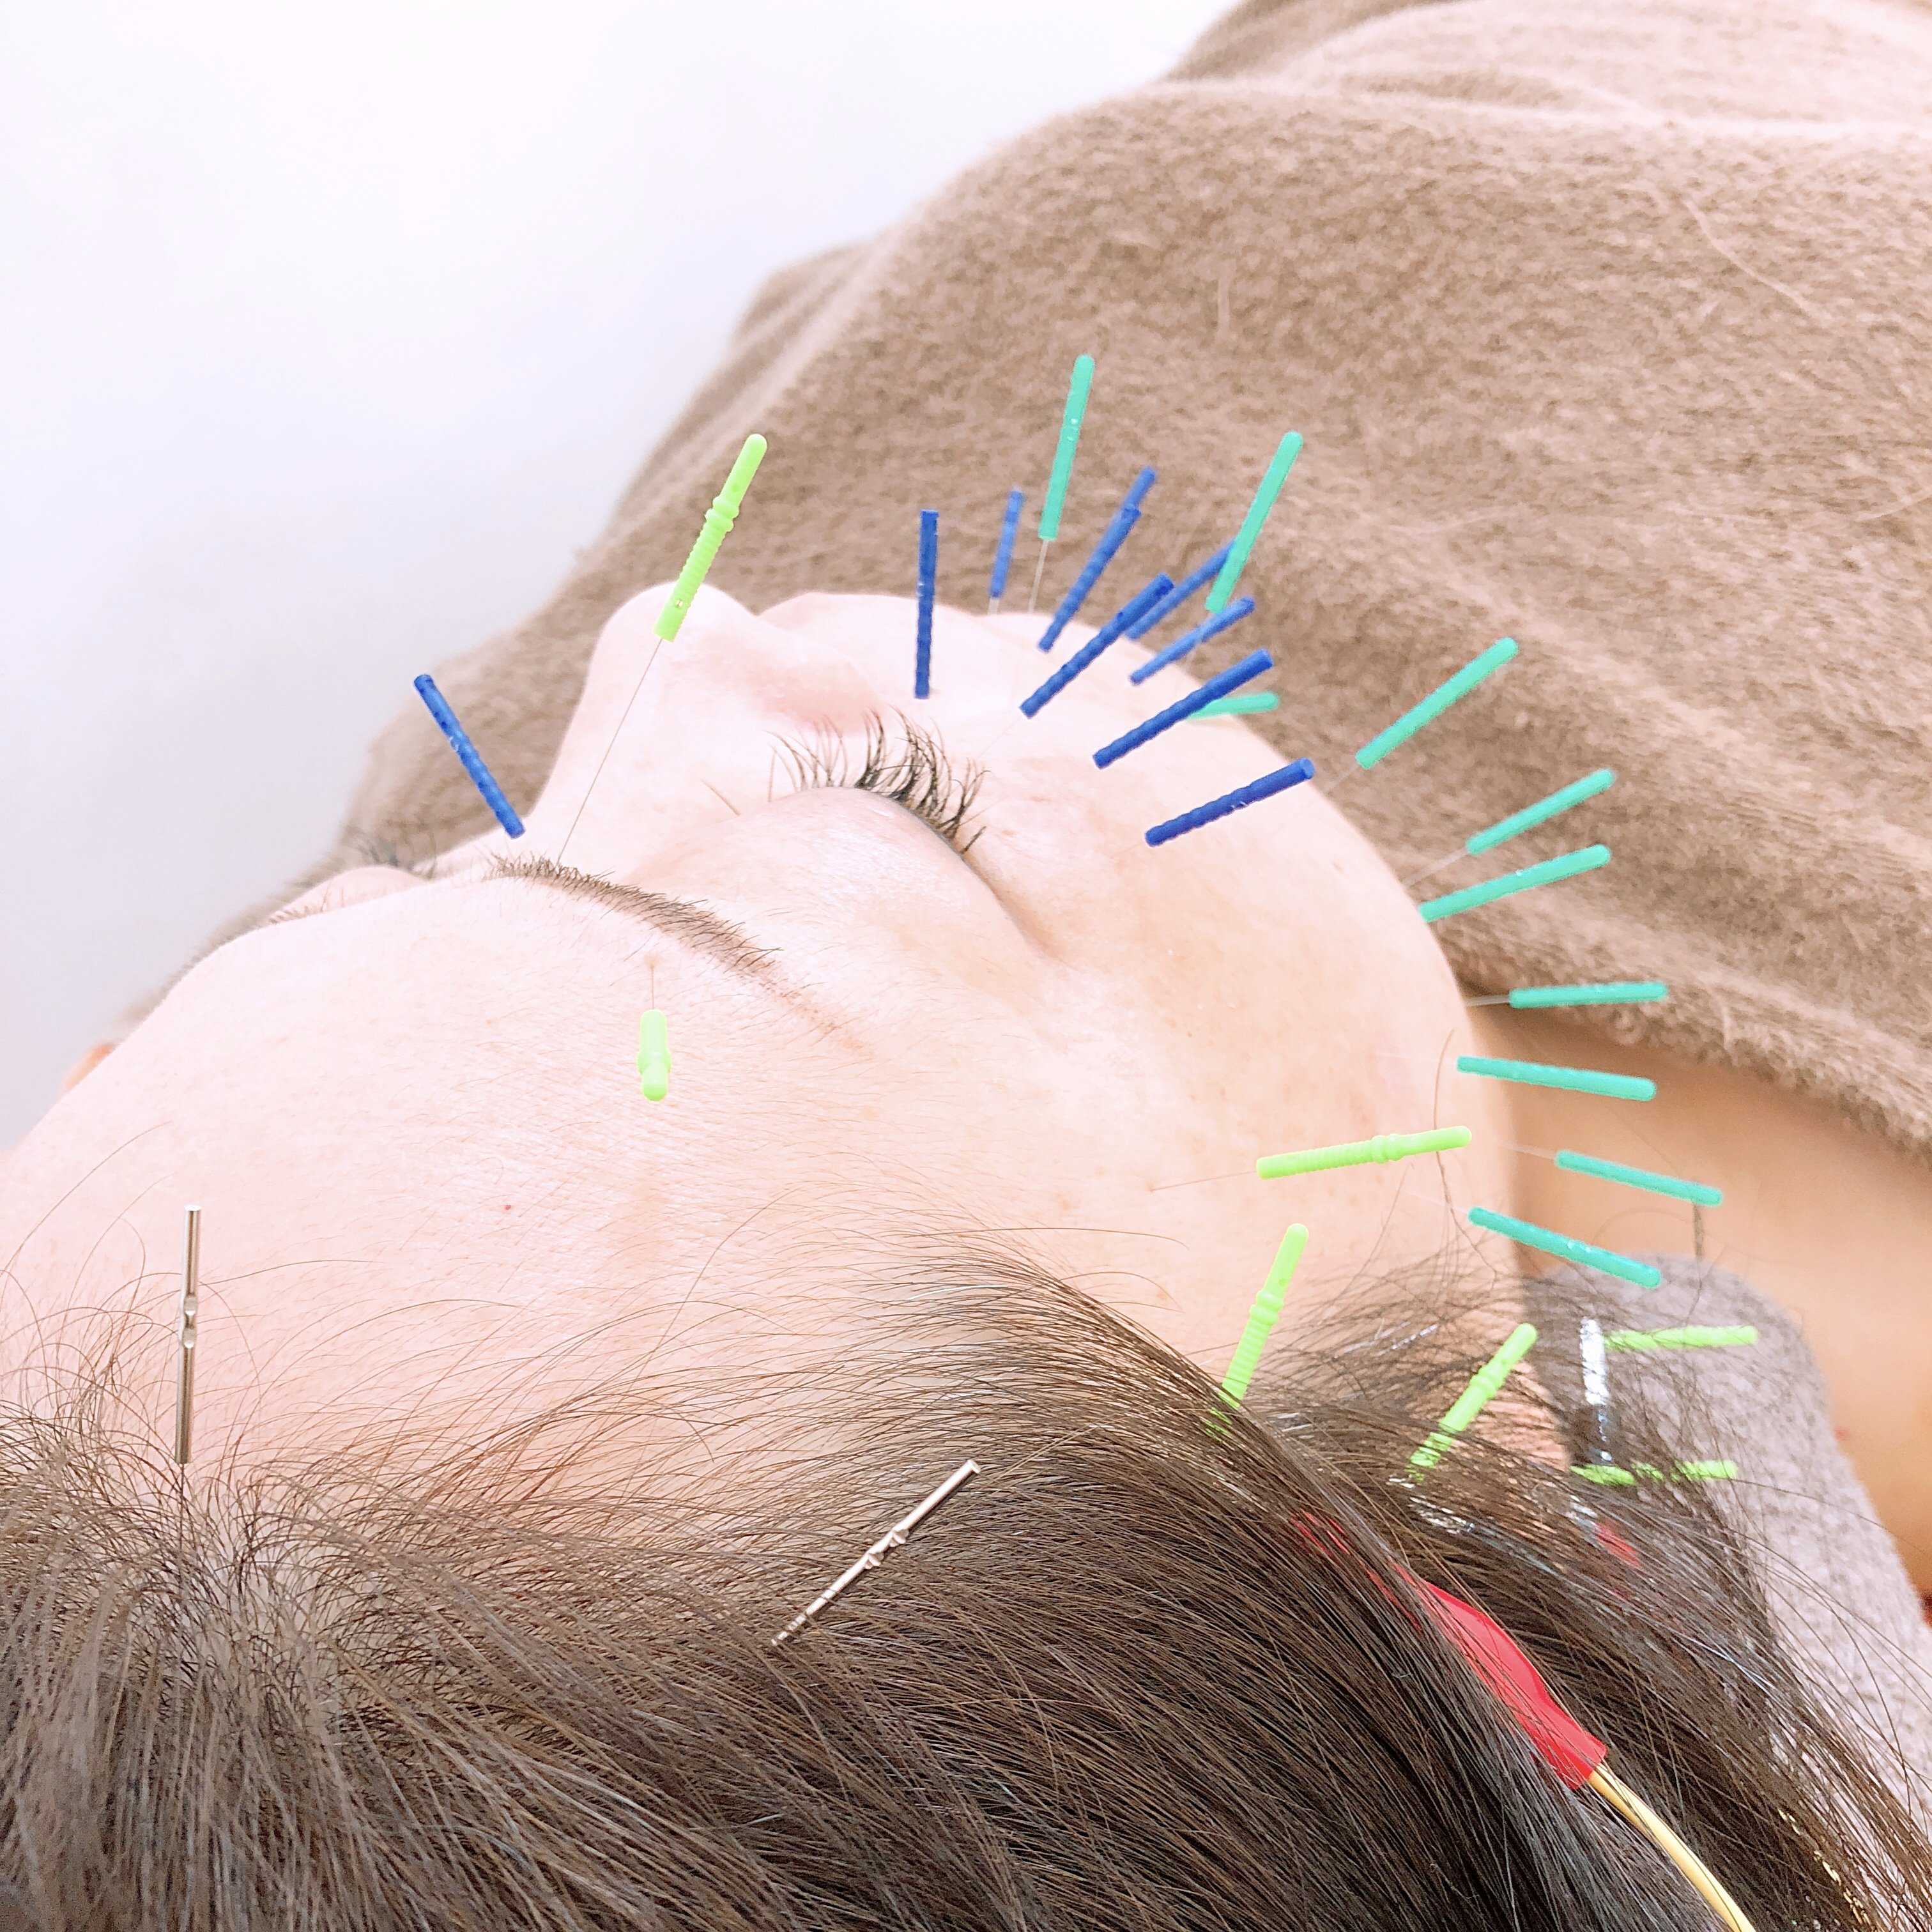 トップクオリティー美容鍼のイメージその1